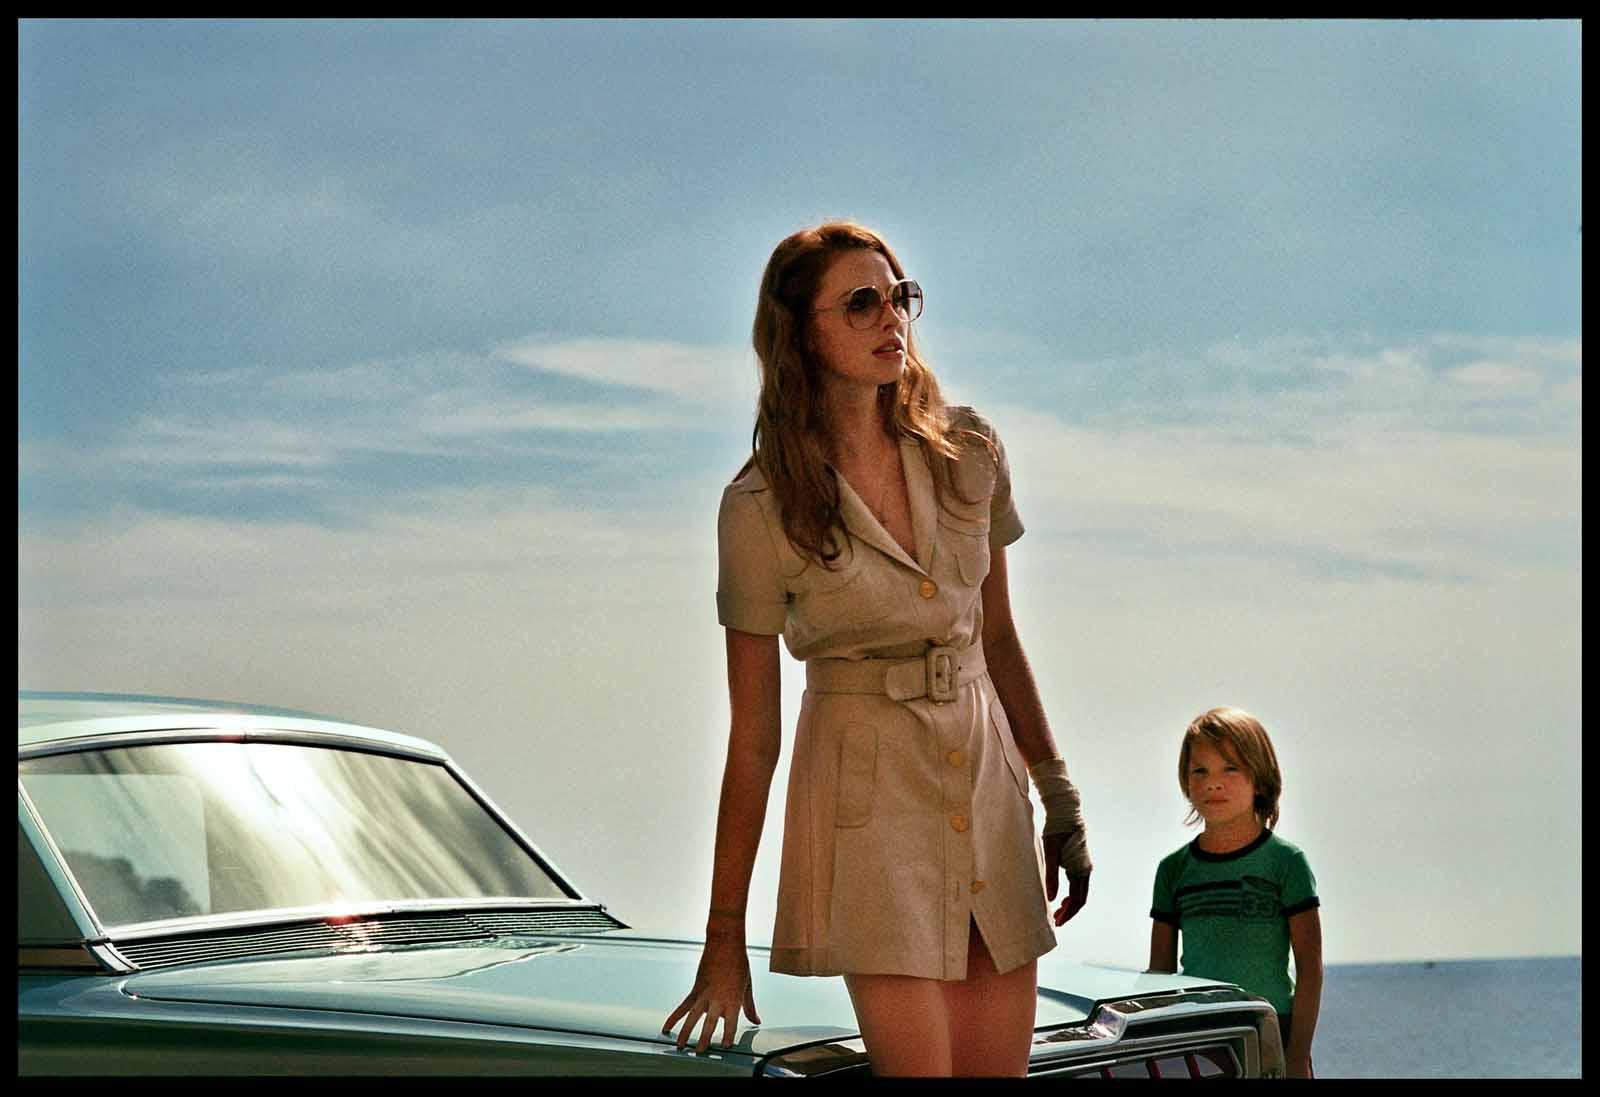 дама в очках и с ружьем в автомобиле кадр 1